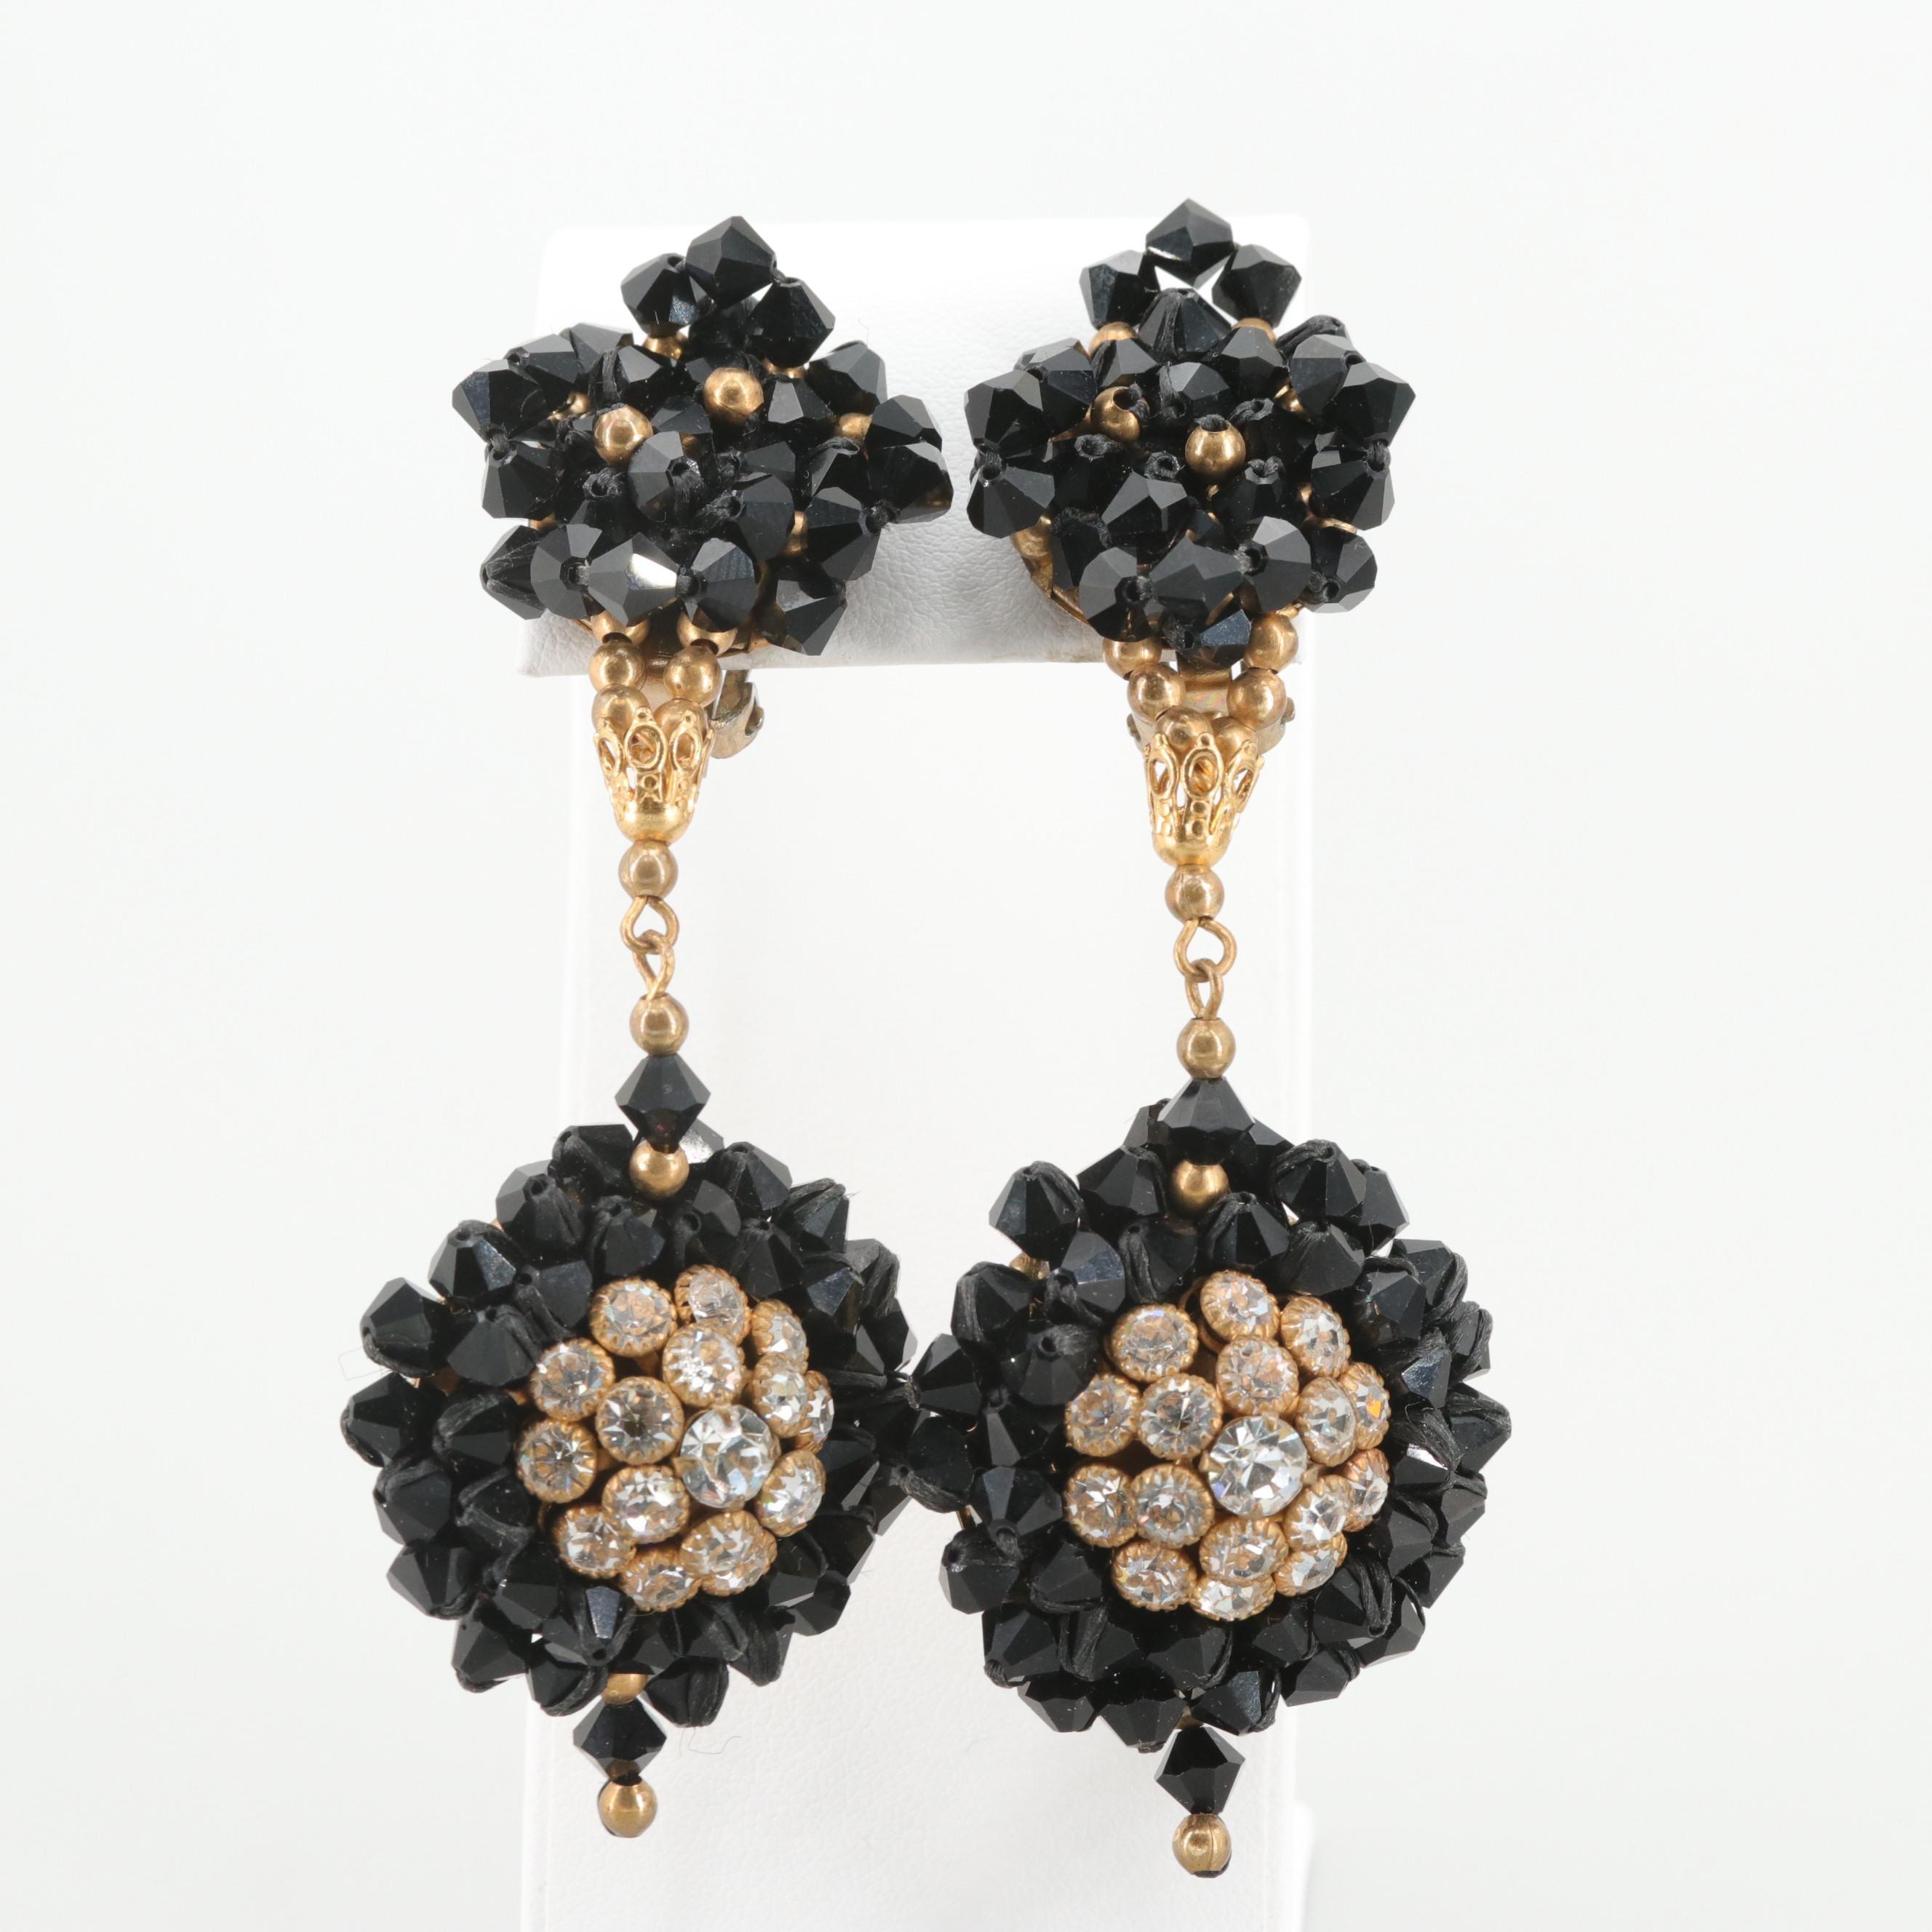 Rhinestone and Black Glass Clip-On Dangle Earrings